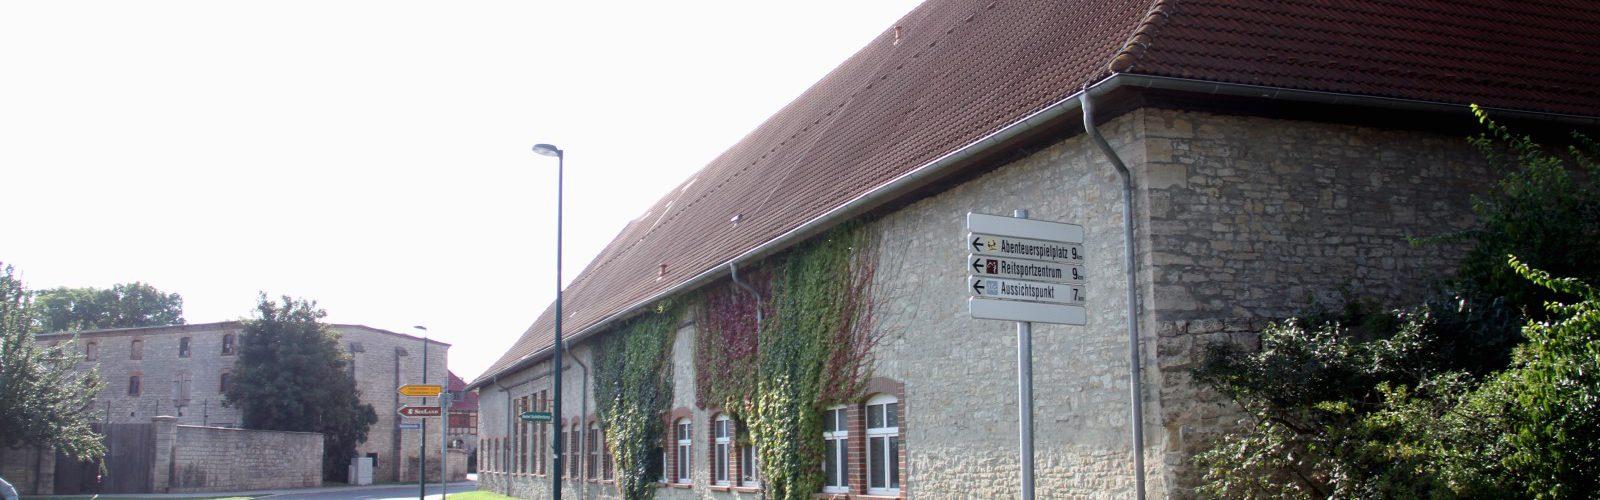 Hühnerbrücke Feuerwehr-Depot